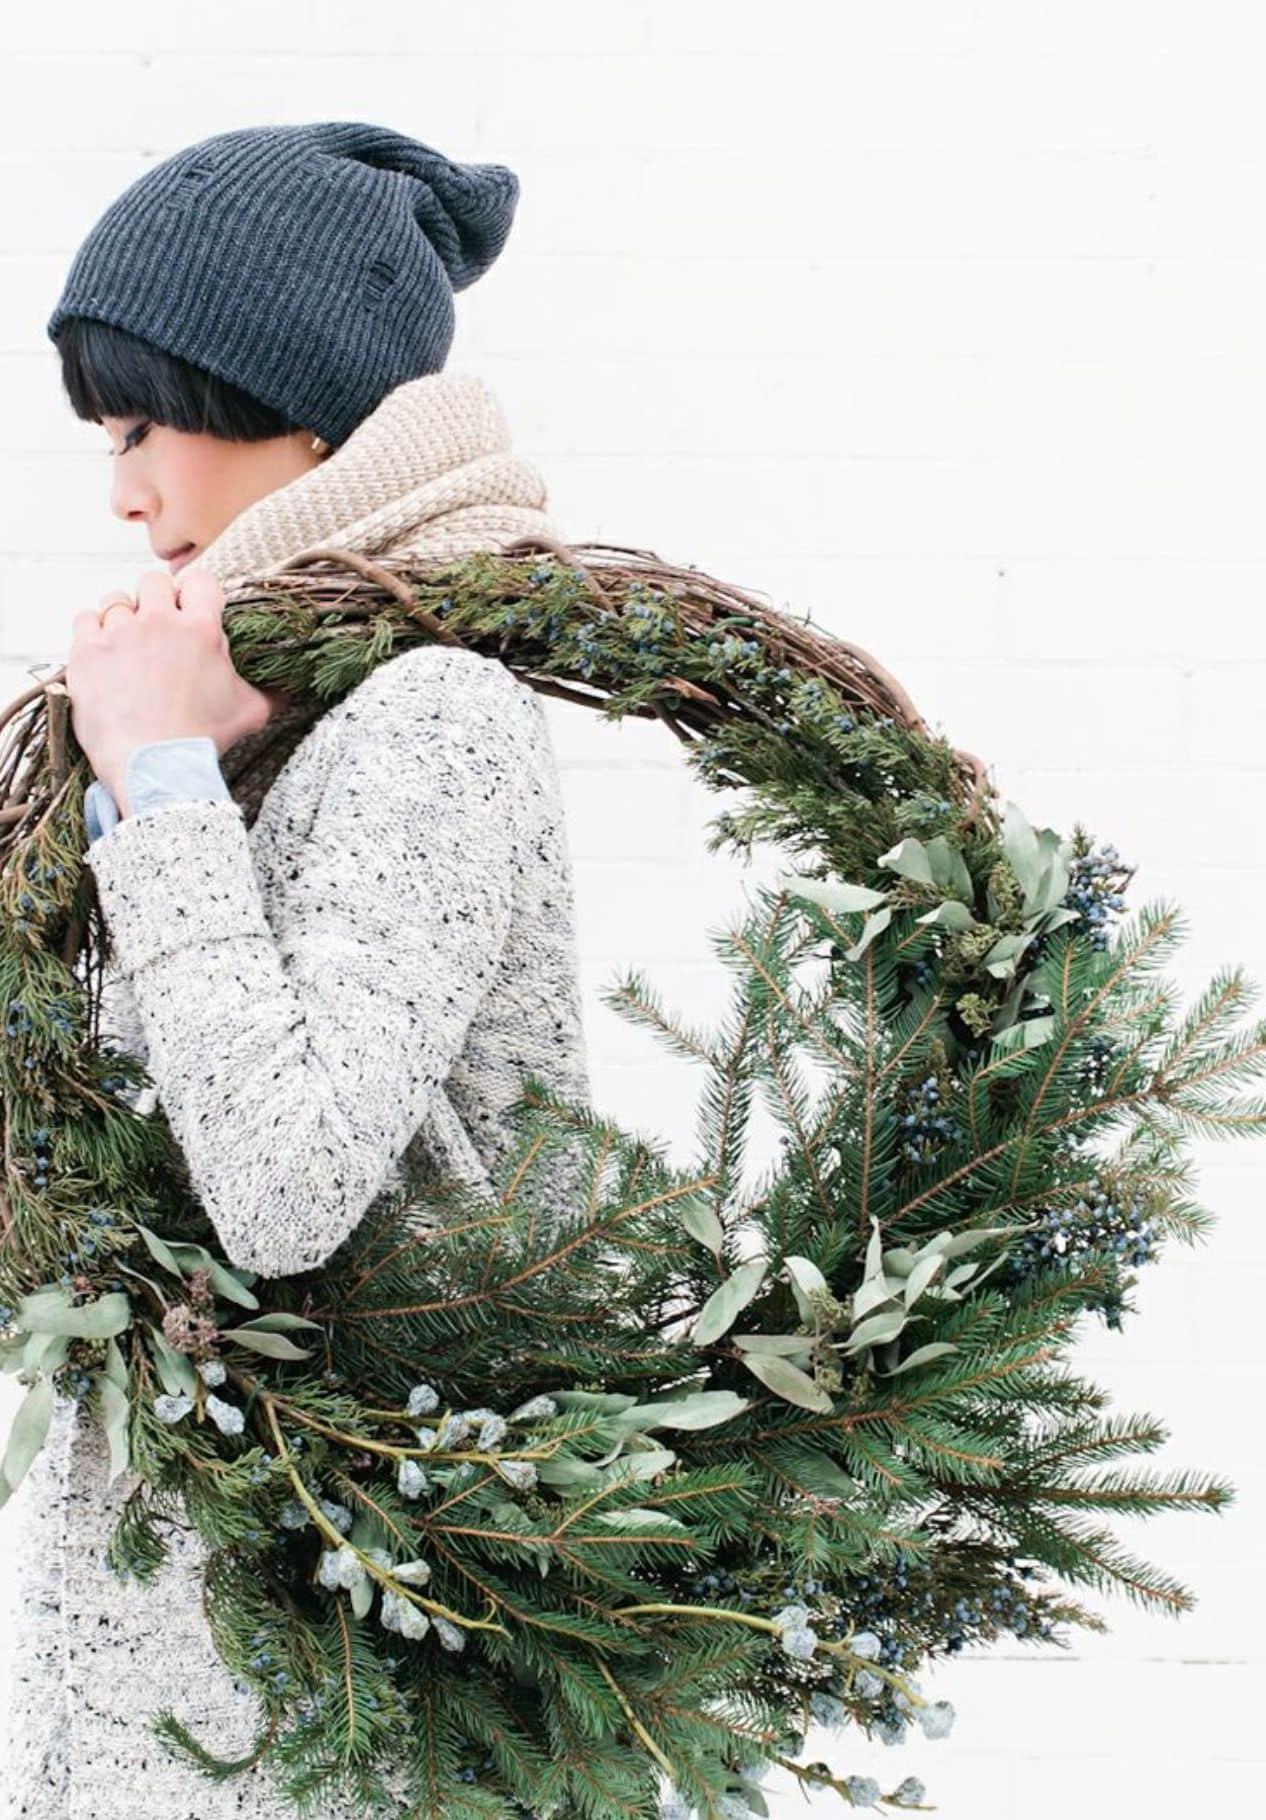 Tambah Notch of Freshness dan Heat Natural akan membantu Wreath Wreath of FIR yang baru, yang saling berkaitan dalam BUNDING